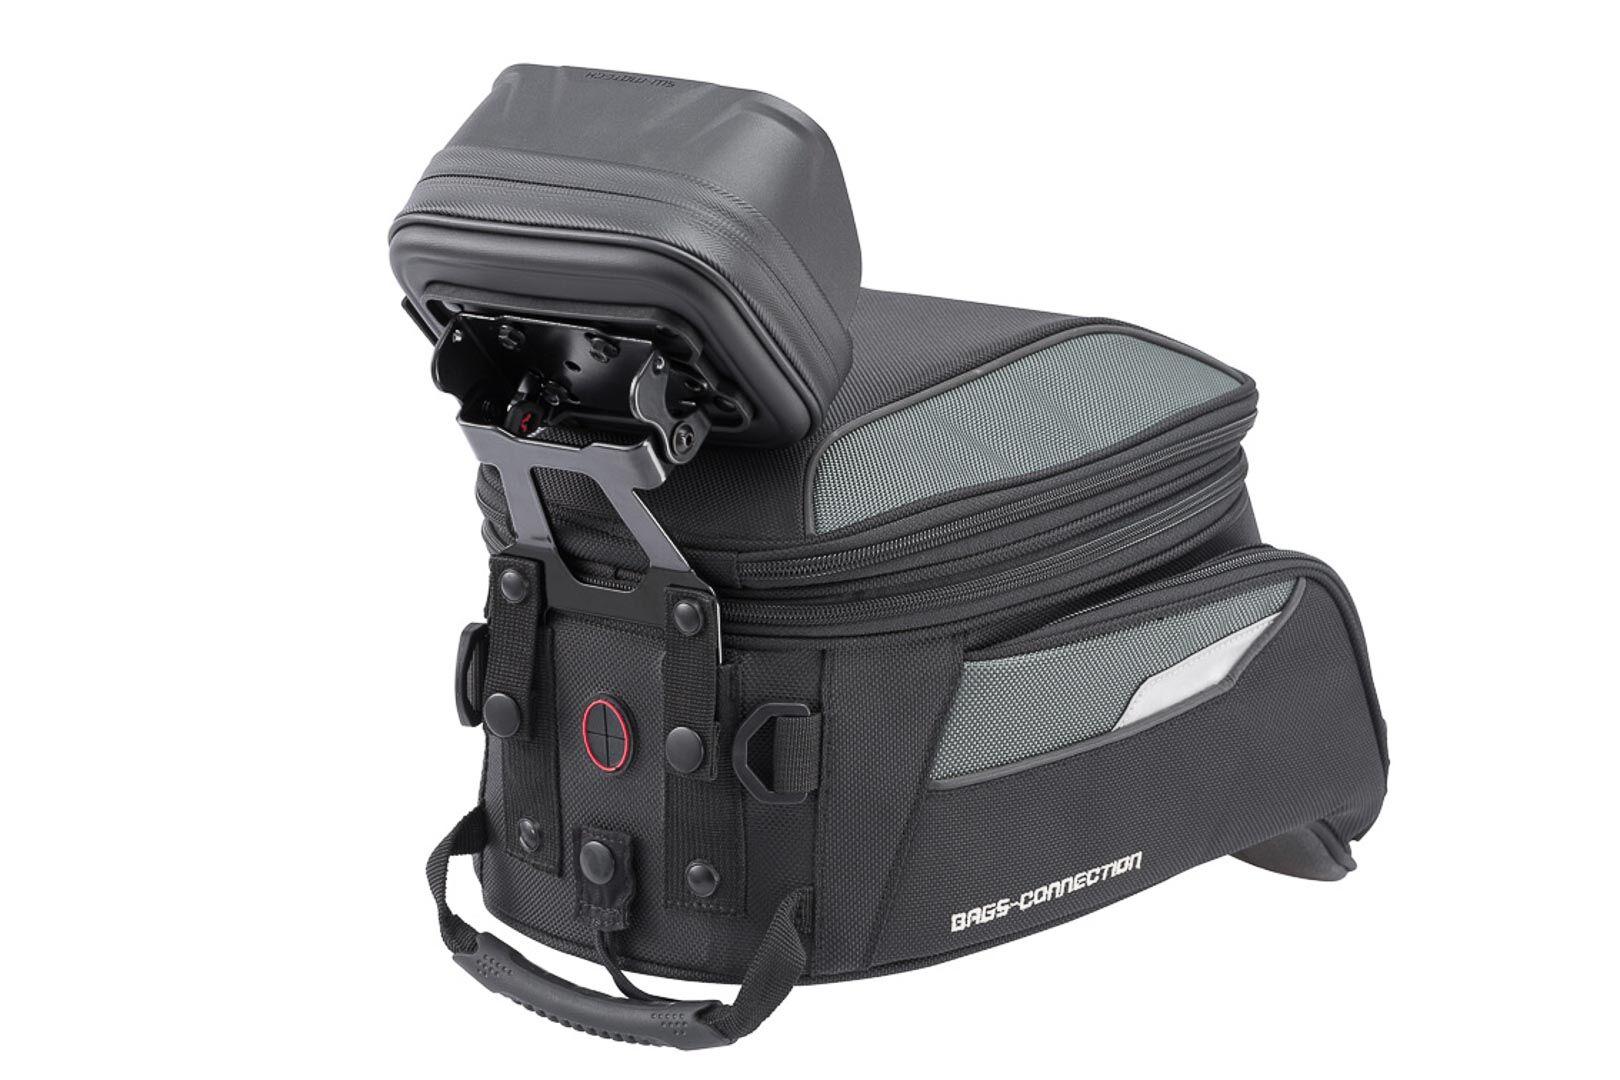 SW-Motech GPS montere for EVO gasstanken bag for EVO gasstanken bag...